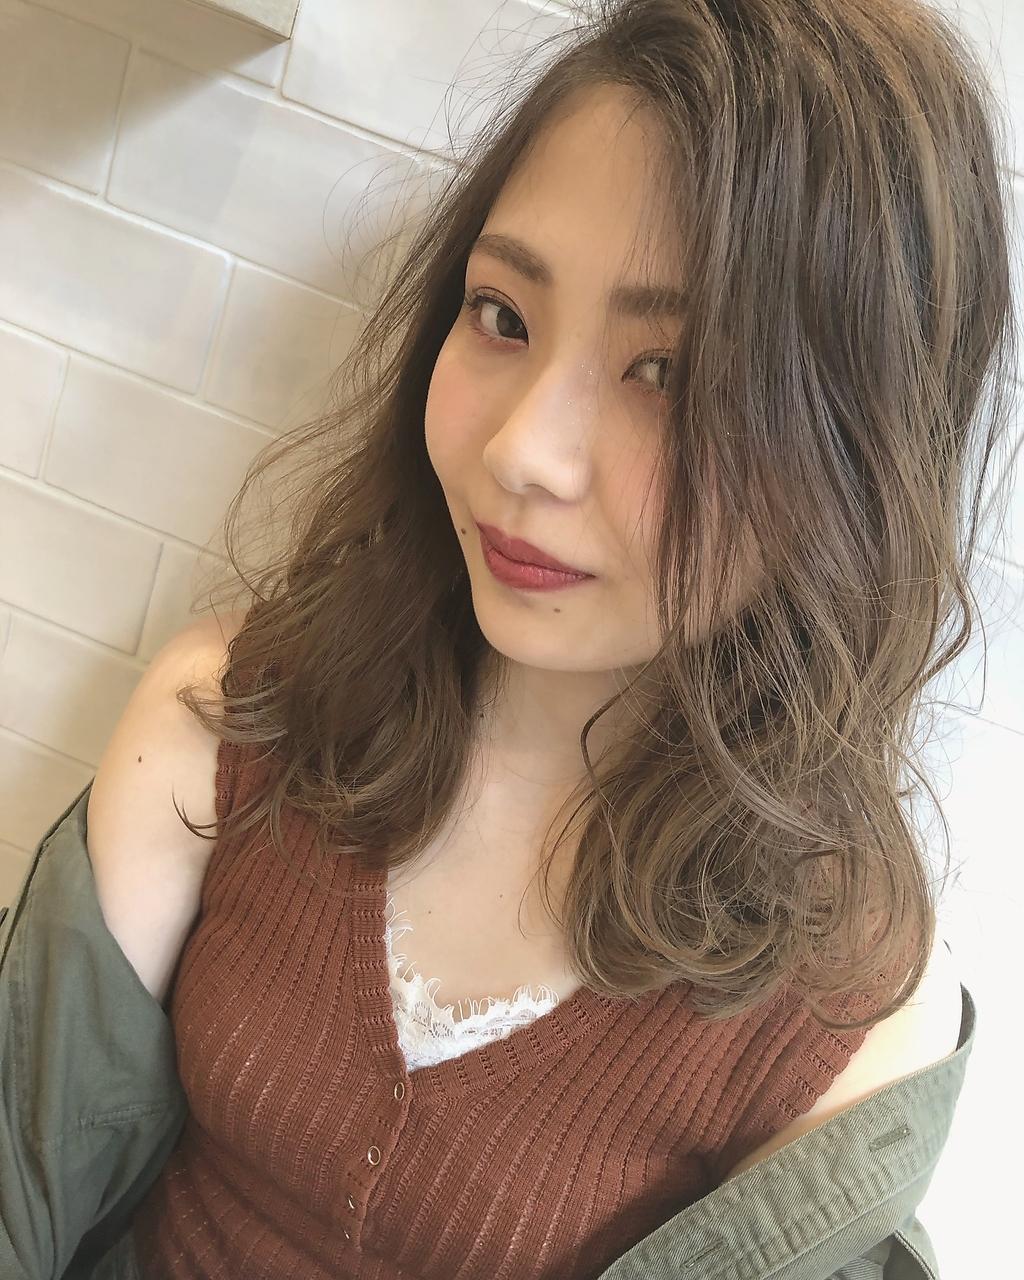 日本人の髪に出やすい赤みを抑えるアッシュ系・マット系の寒色カラーでアンニュイな透明感を演出◎